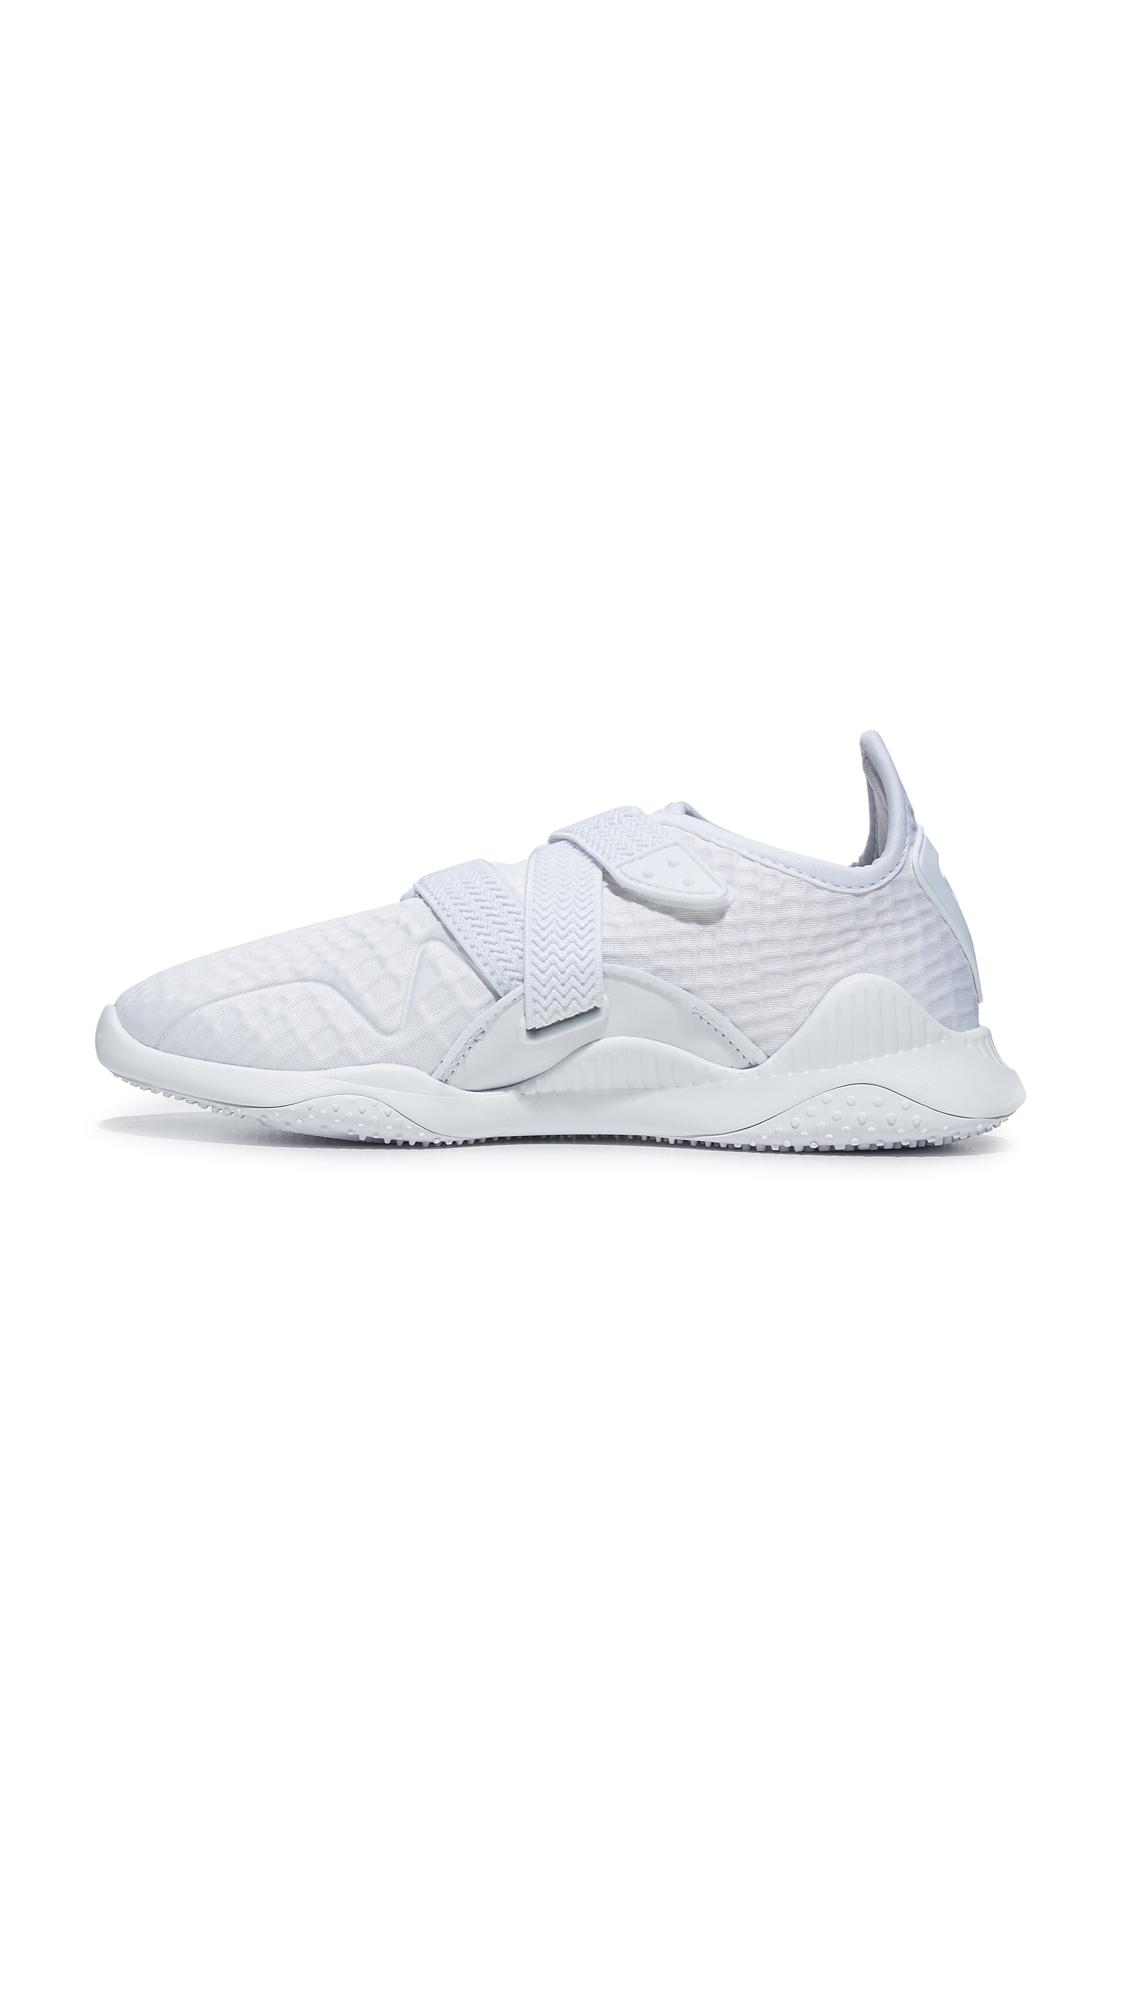 d038975f6e PUMA Mostro Fashion Sneakers | SHOPBOP